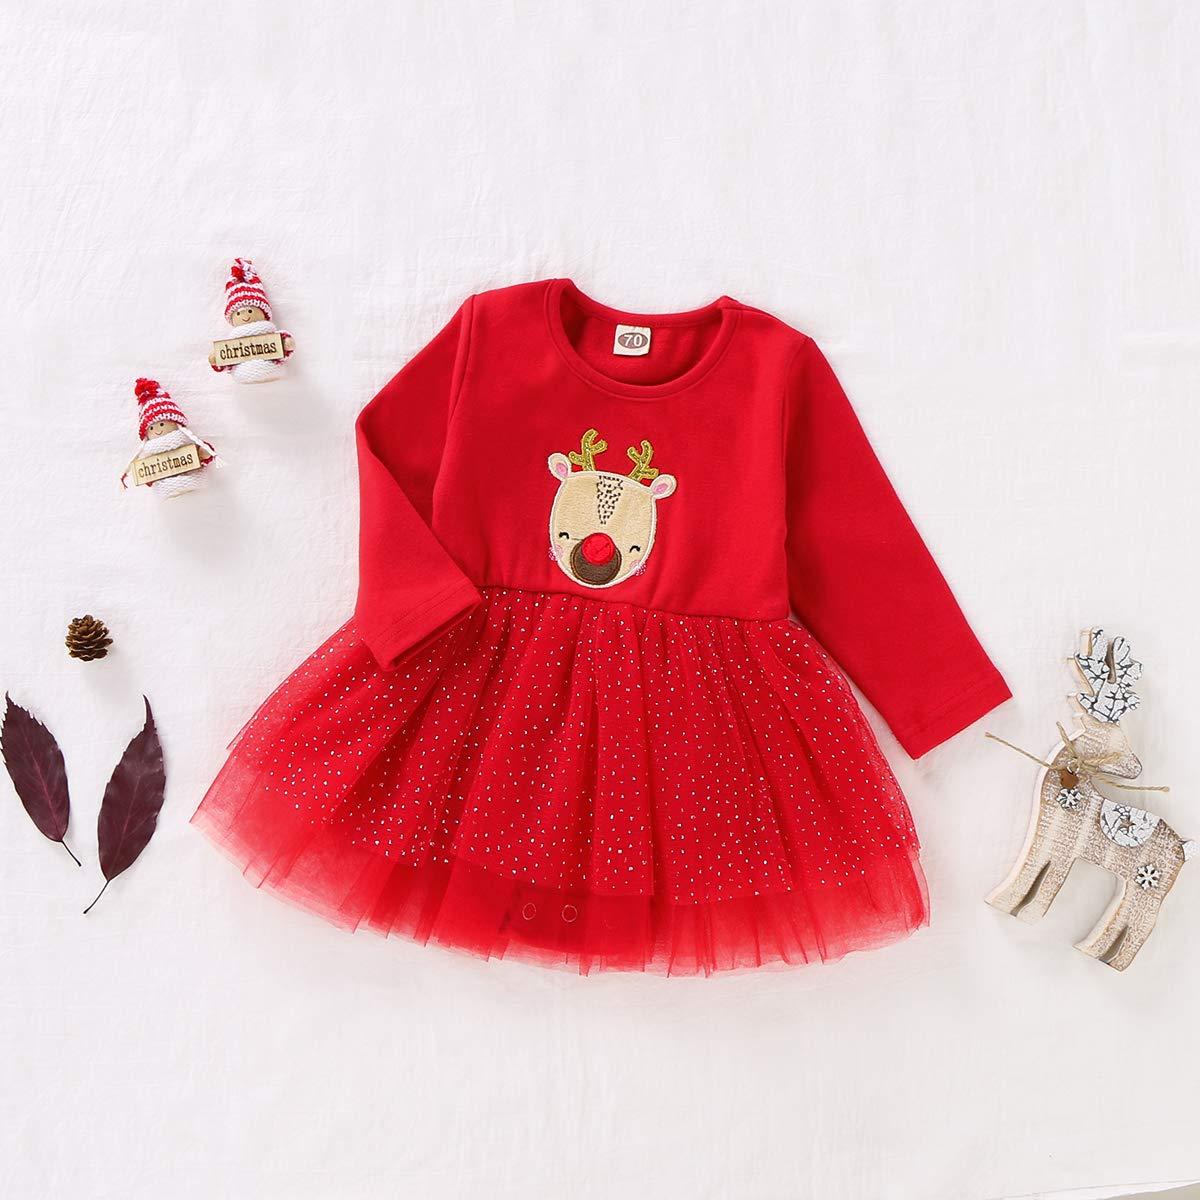 Toddler Baby Girls Christmas Costumes Long Sleeve Lovely Deer Print Tulle Dress